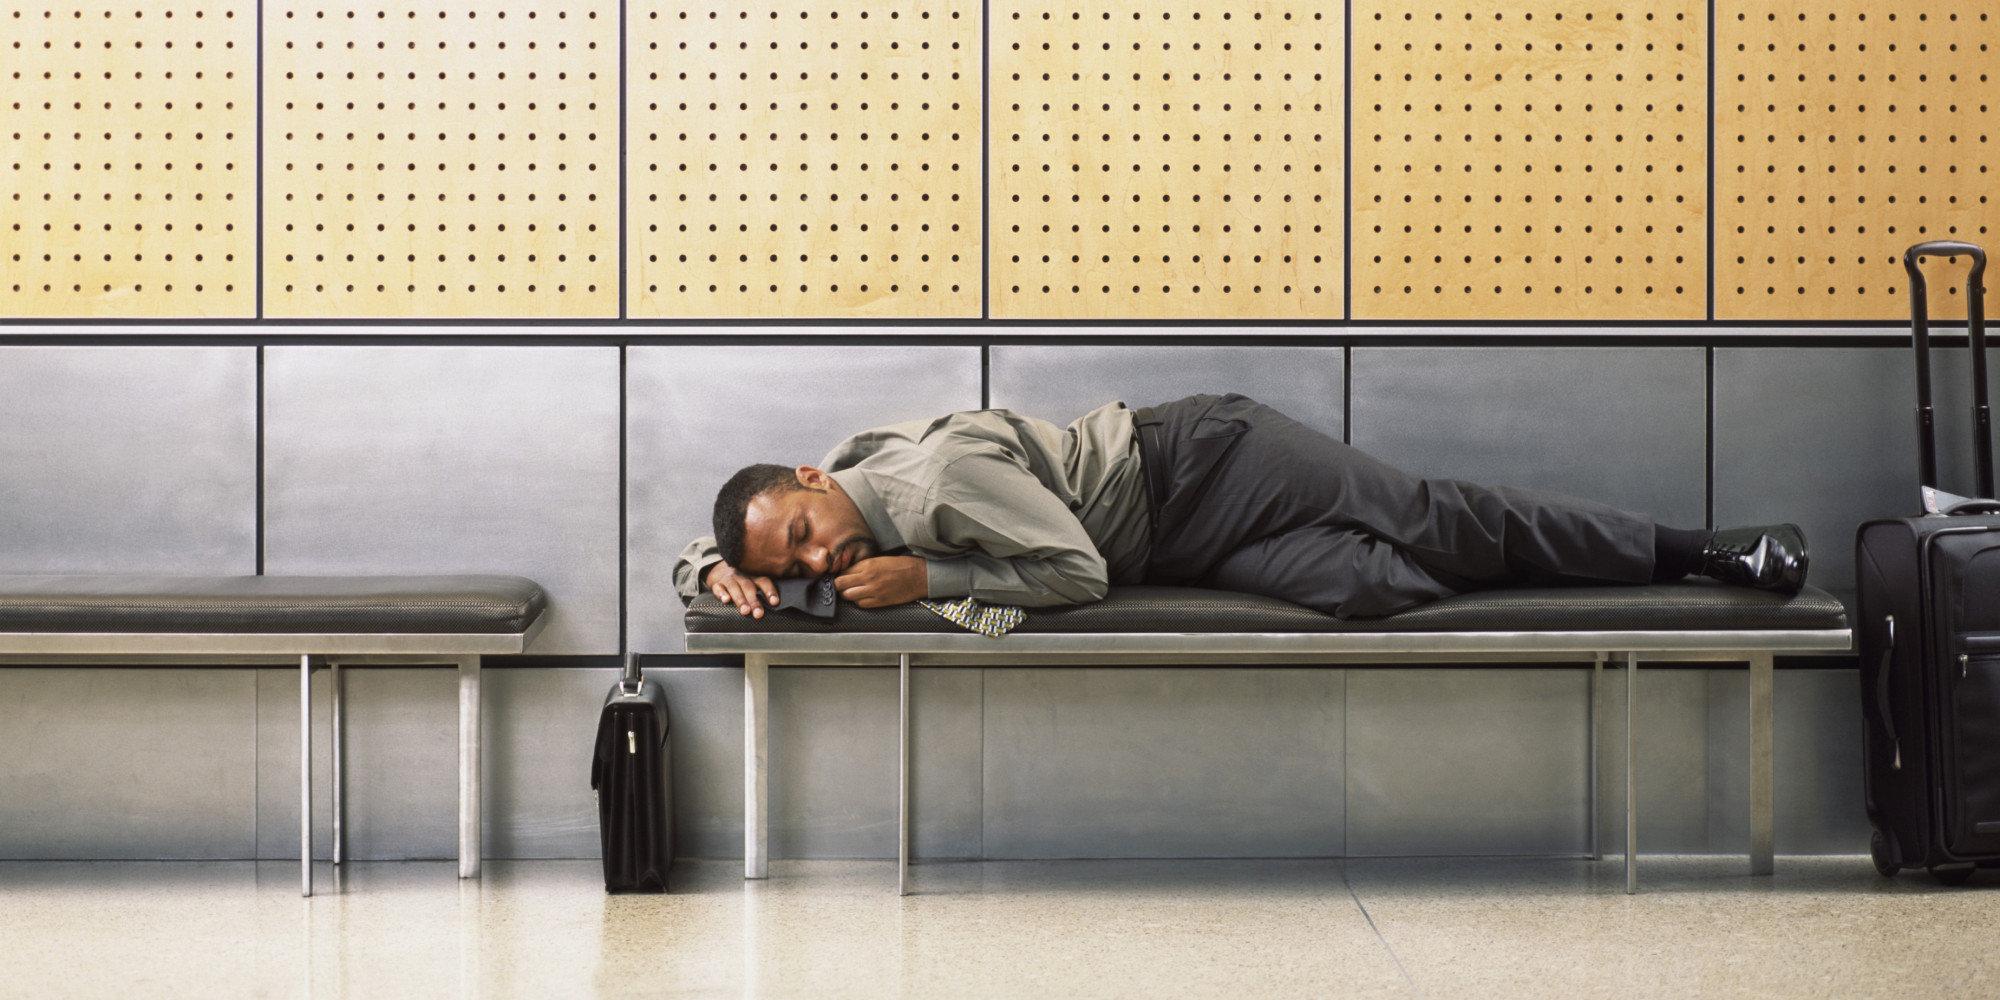 где ночевать в аэропорту